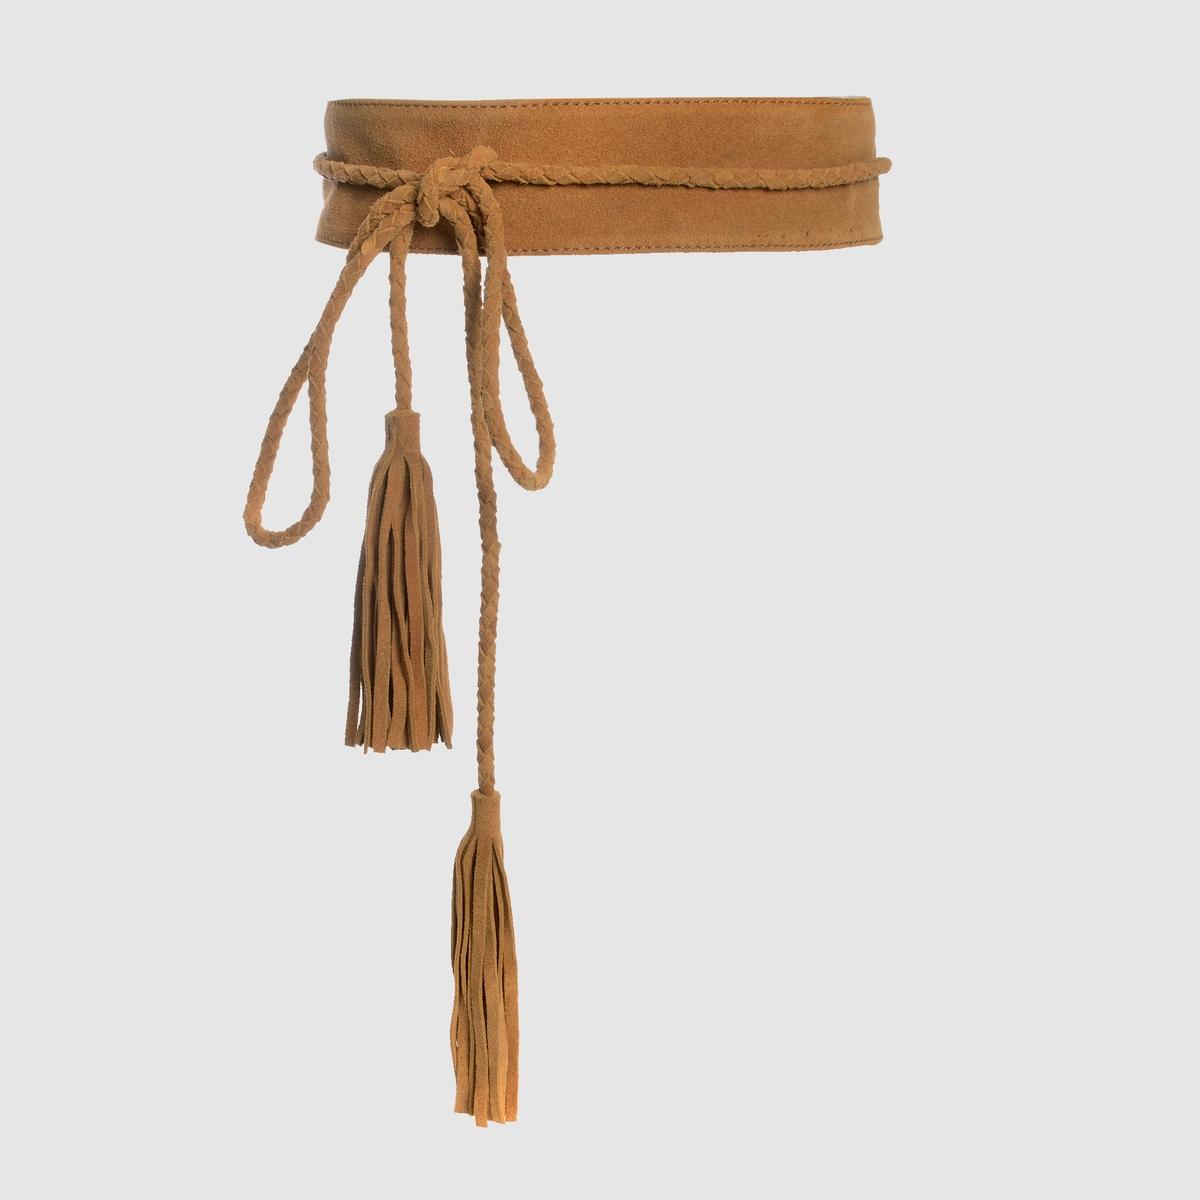 Ремень длинный из невыделанной кожи сумка из невыделанной кожи